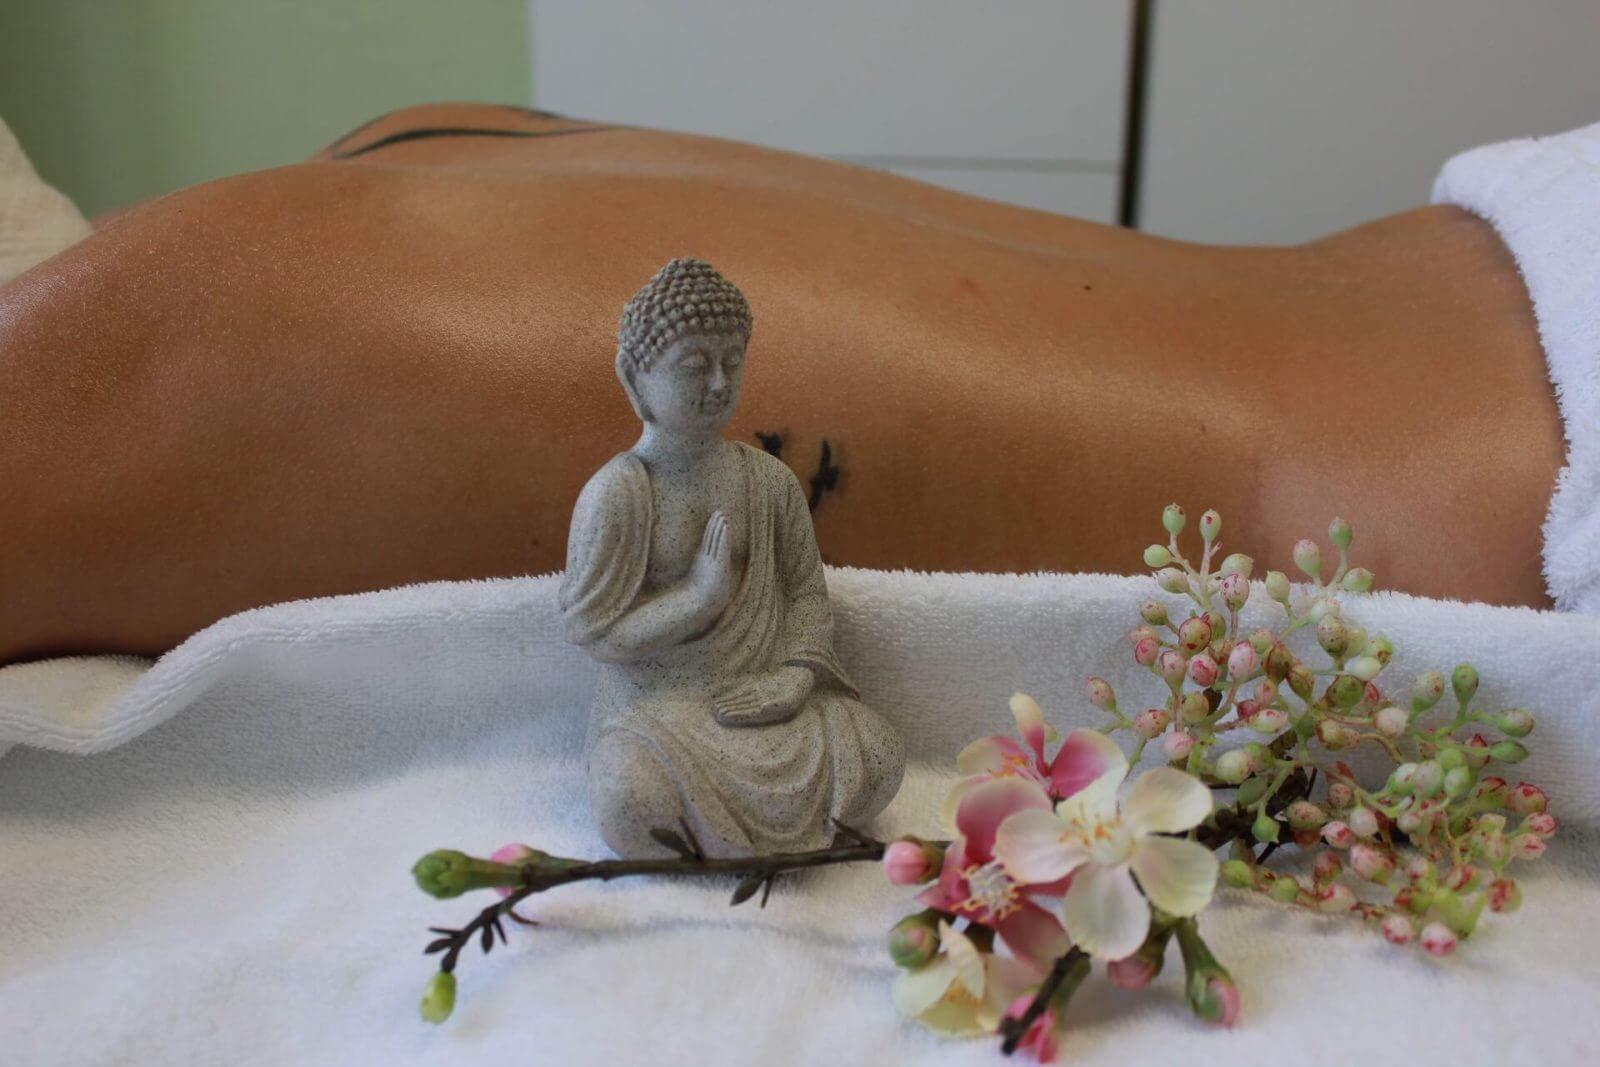 Impression einer asiatischen Massage